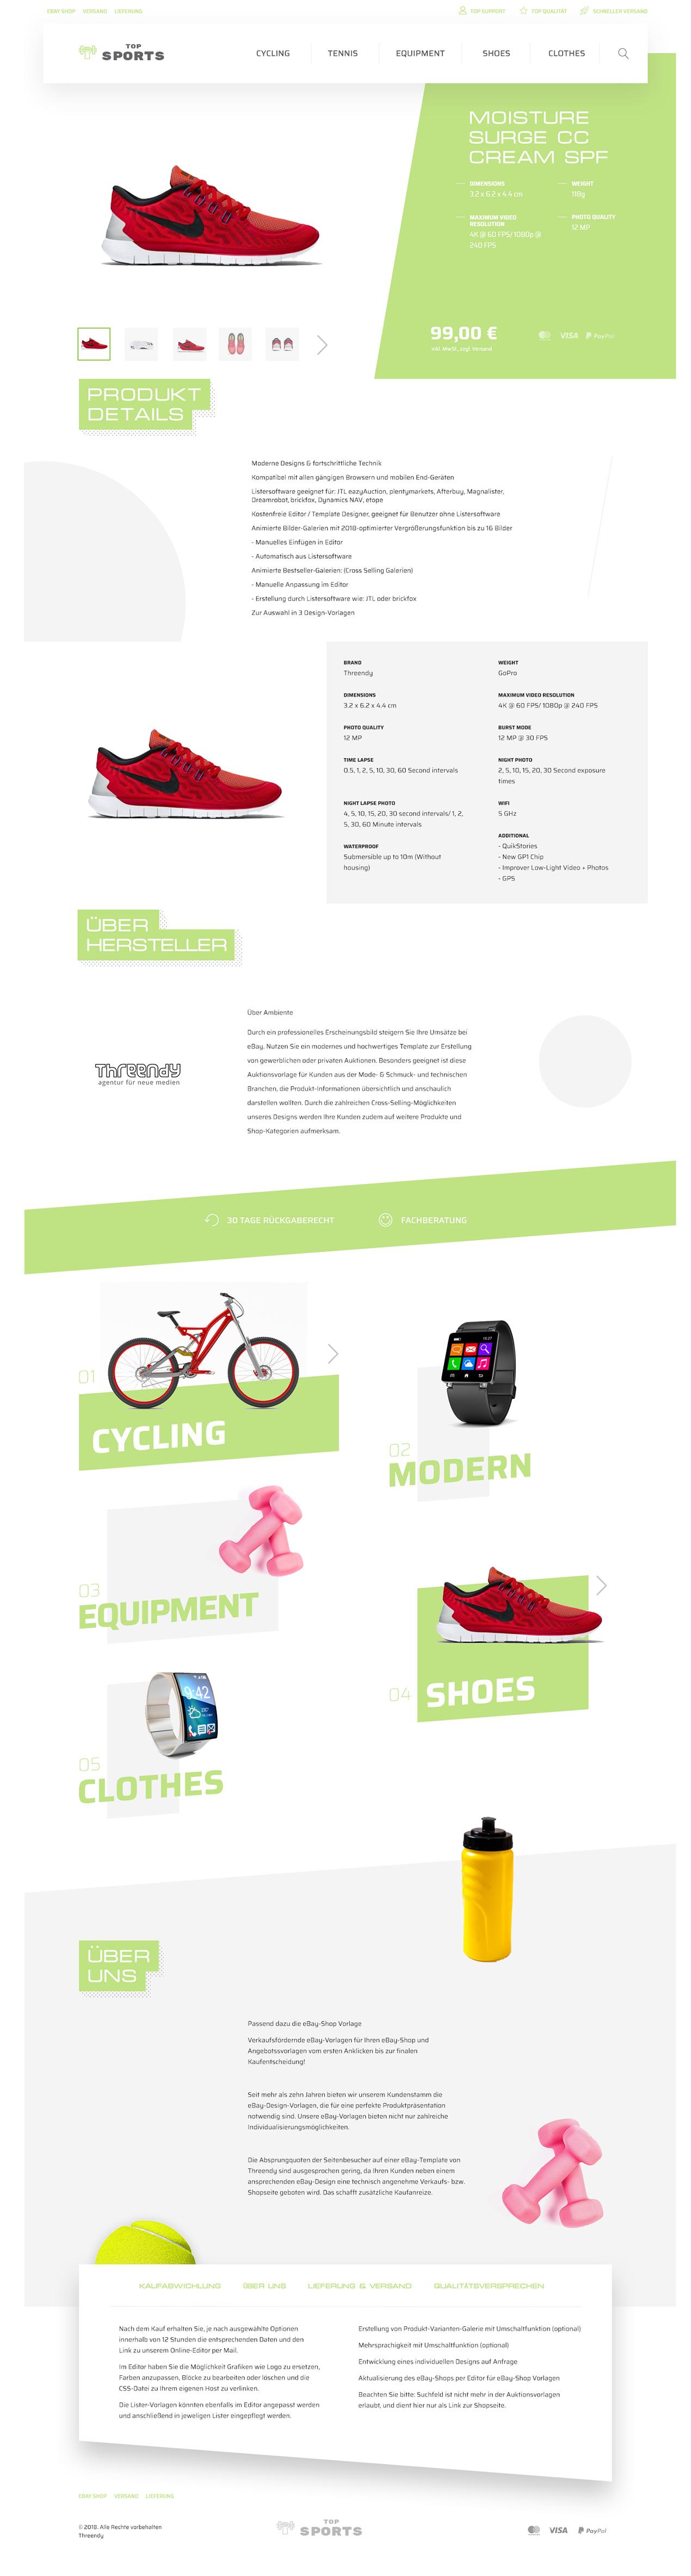 Branchen eBayvorlage für Sport, Freizeit & Hobby